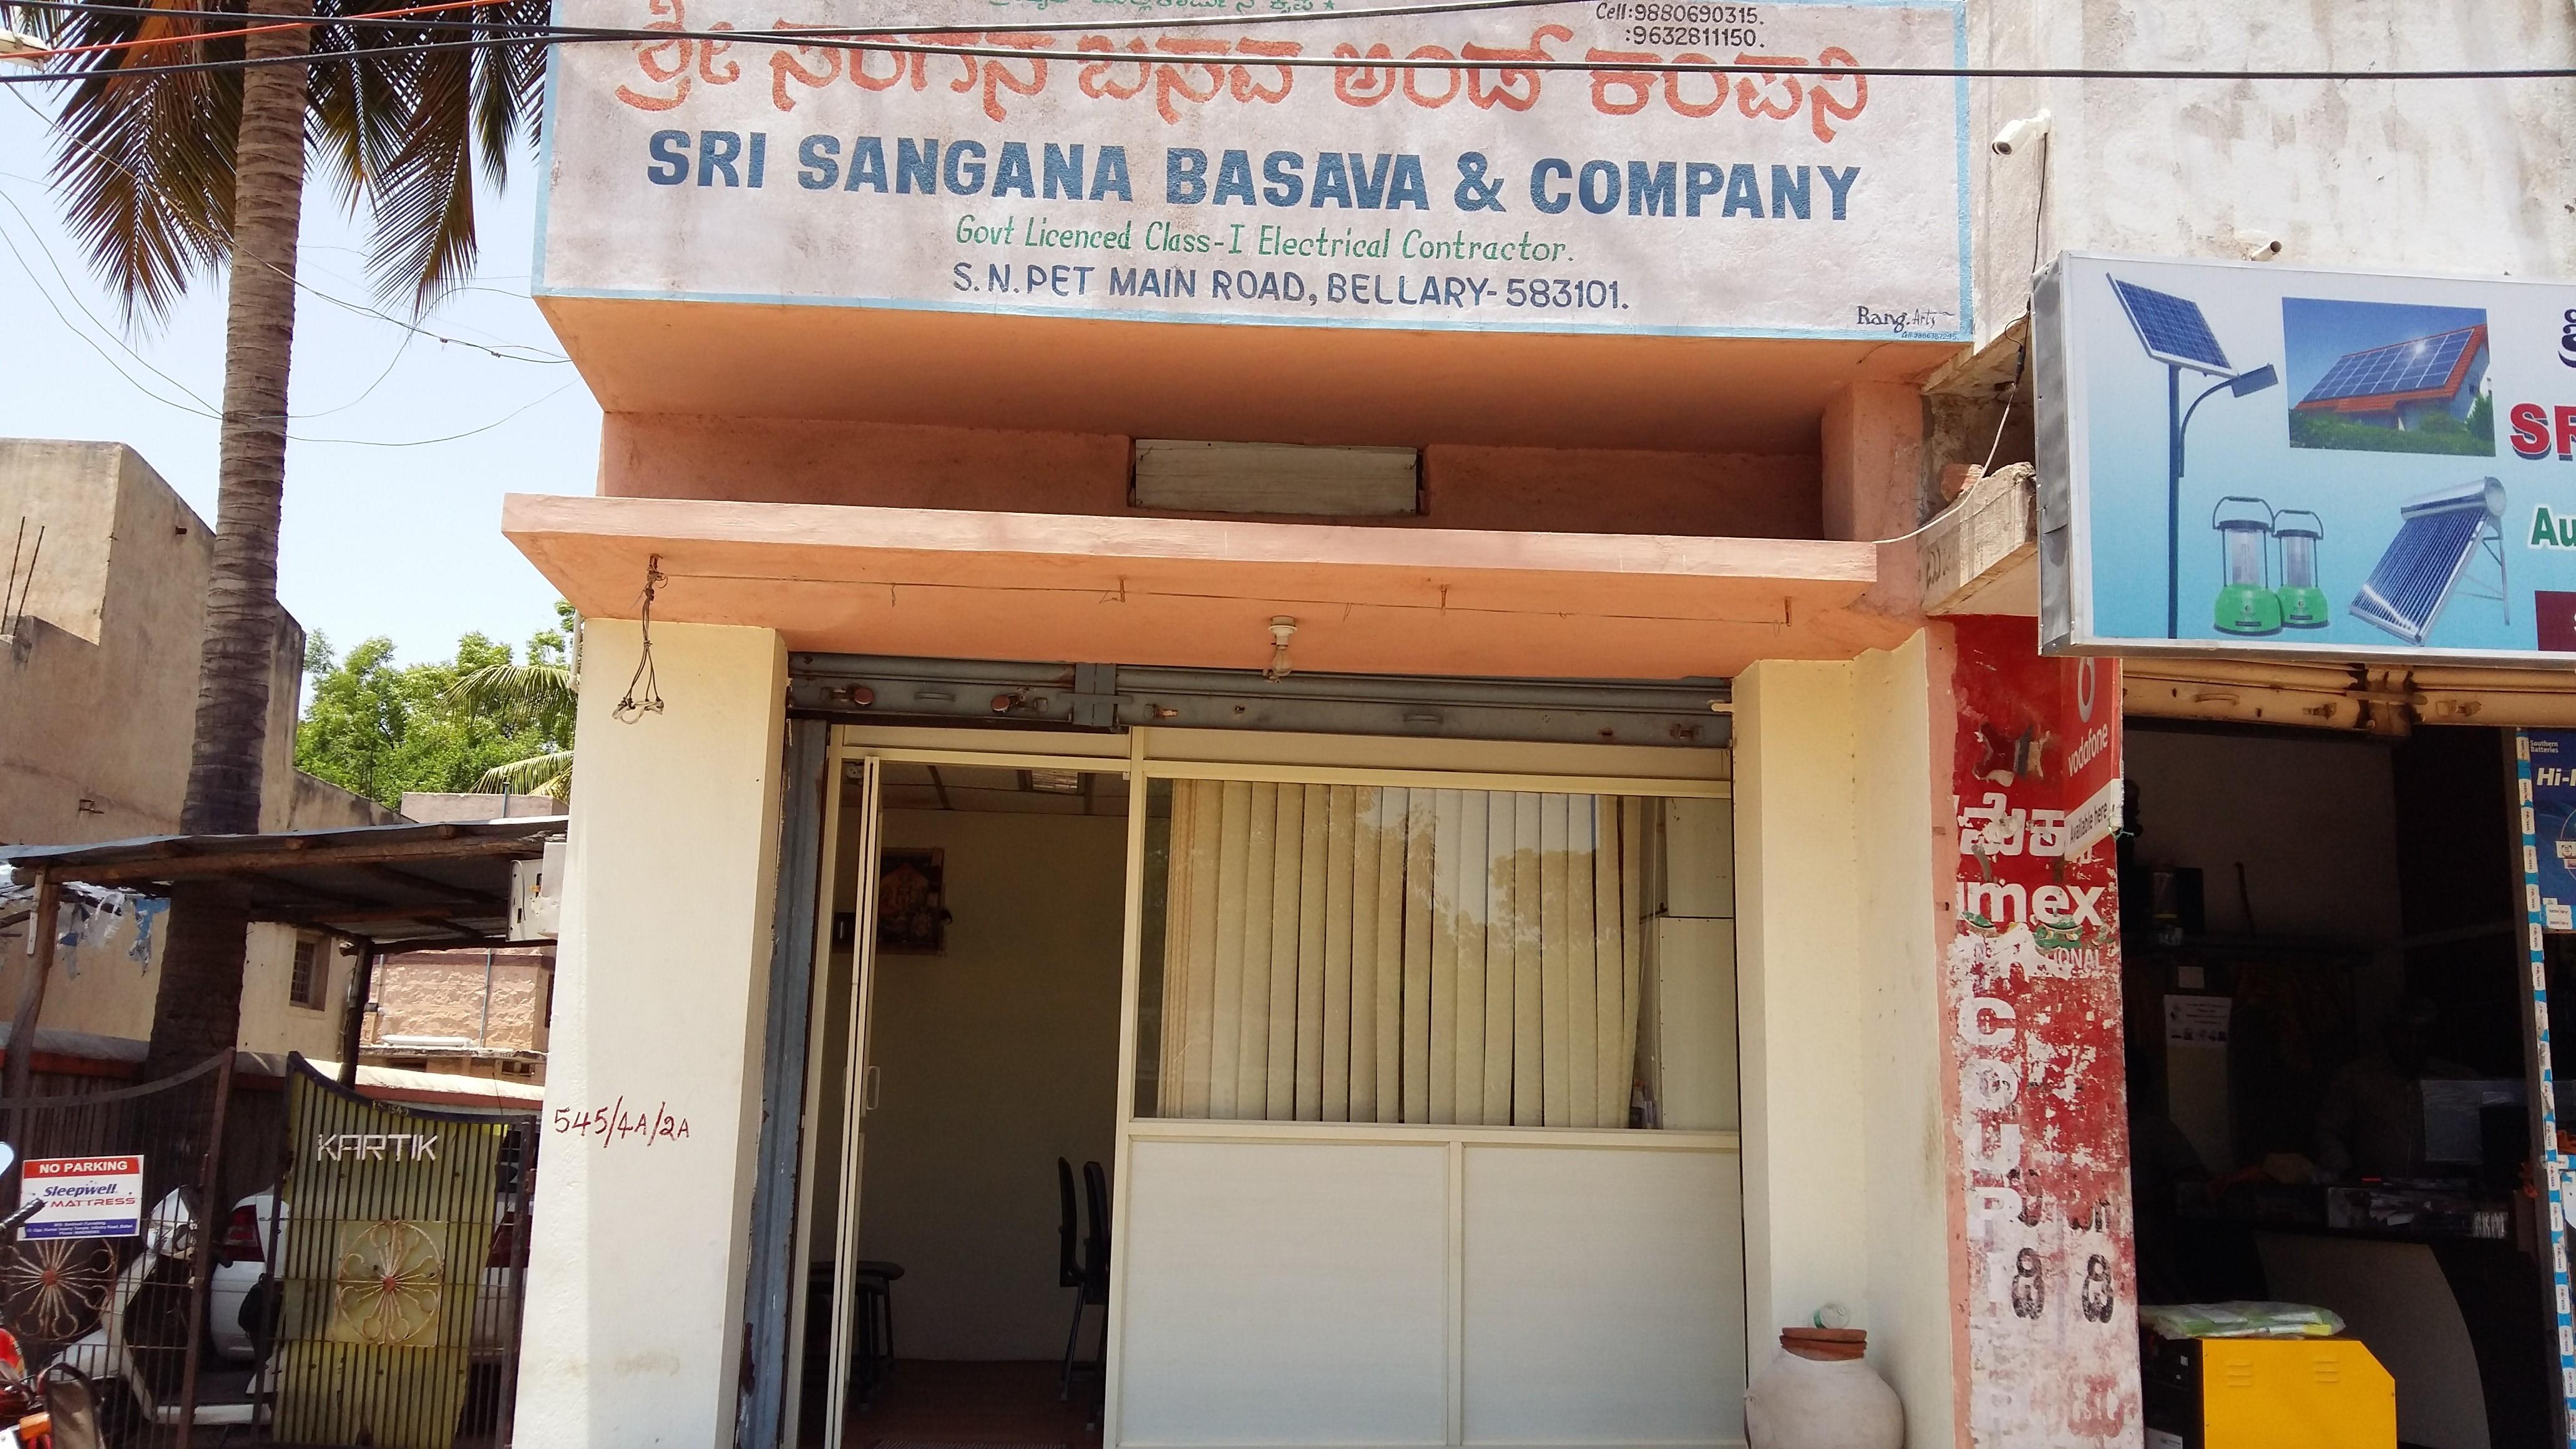 Sri Sangana Basava & Co